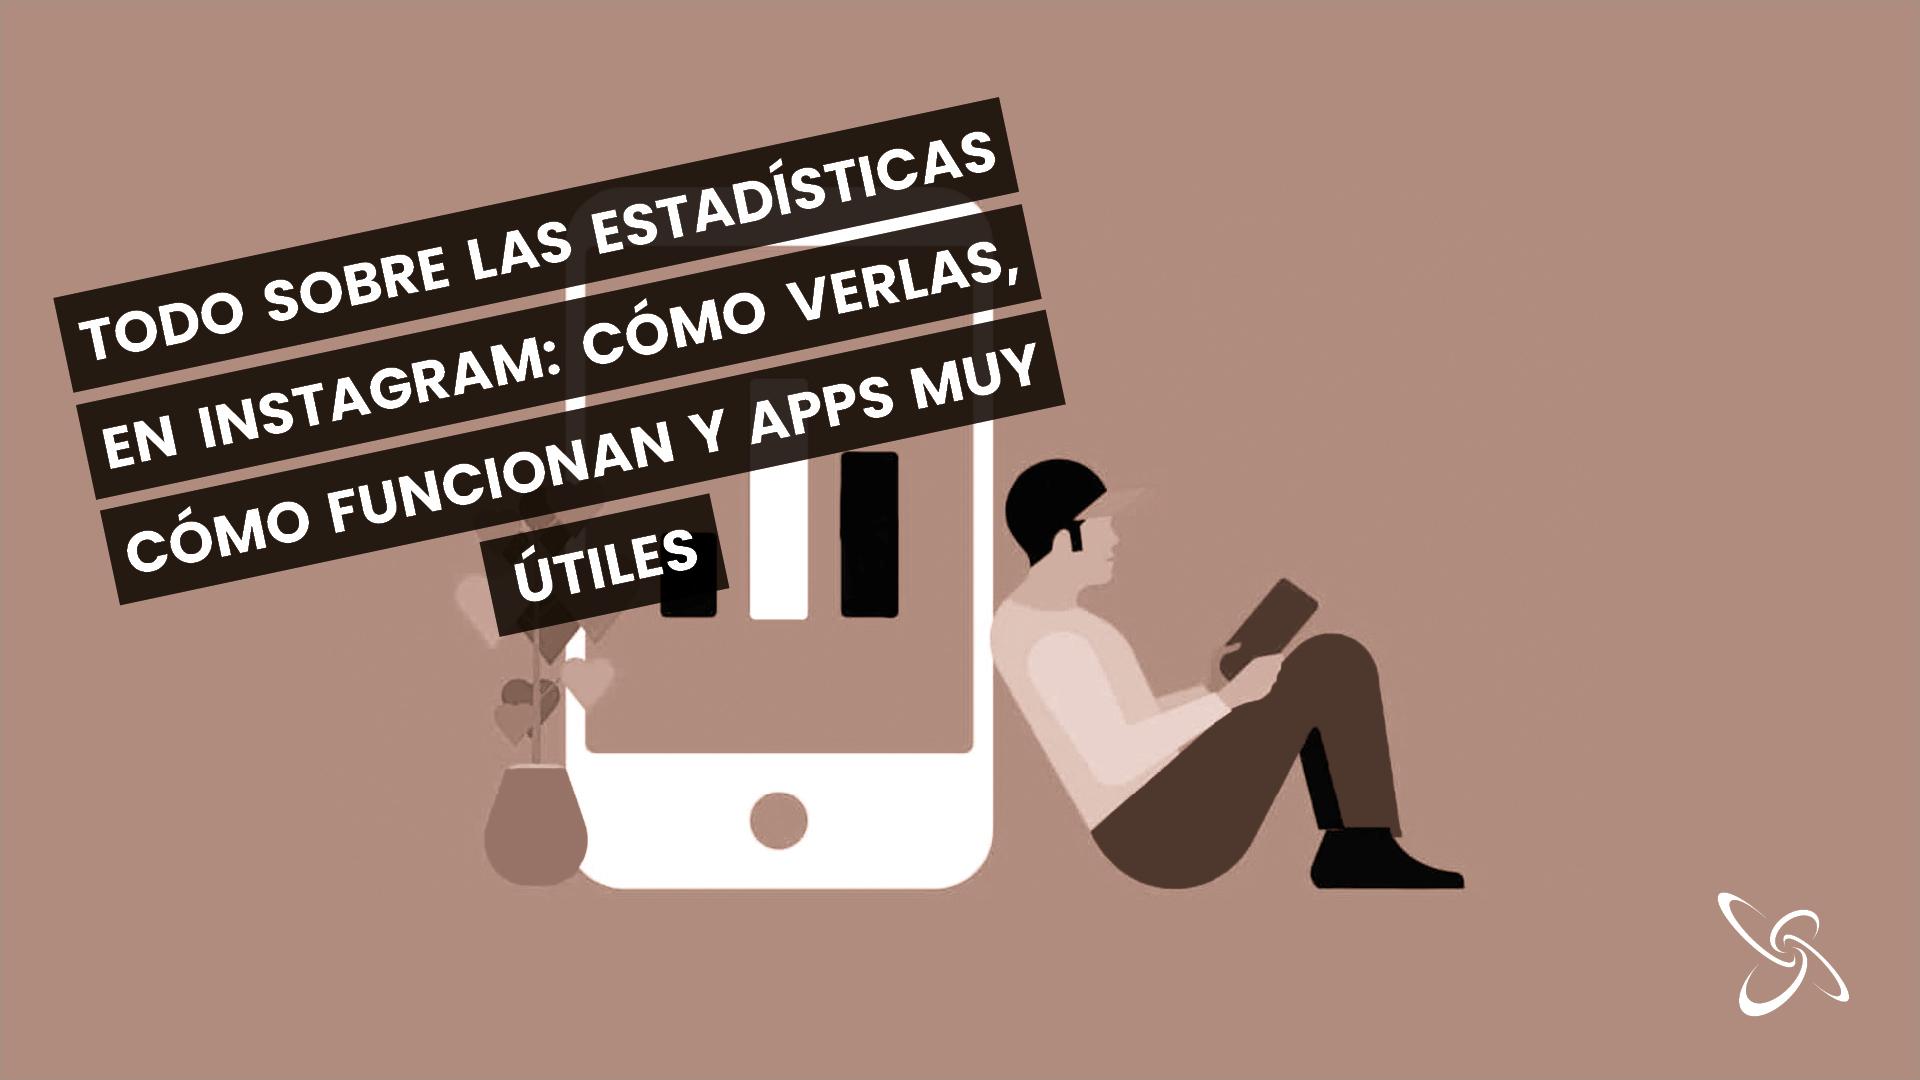 Todo sobre las estadísticas: cómo verlas, cómo funcionan y apps muy útiles